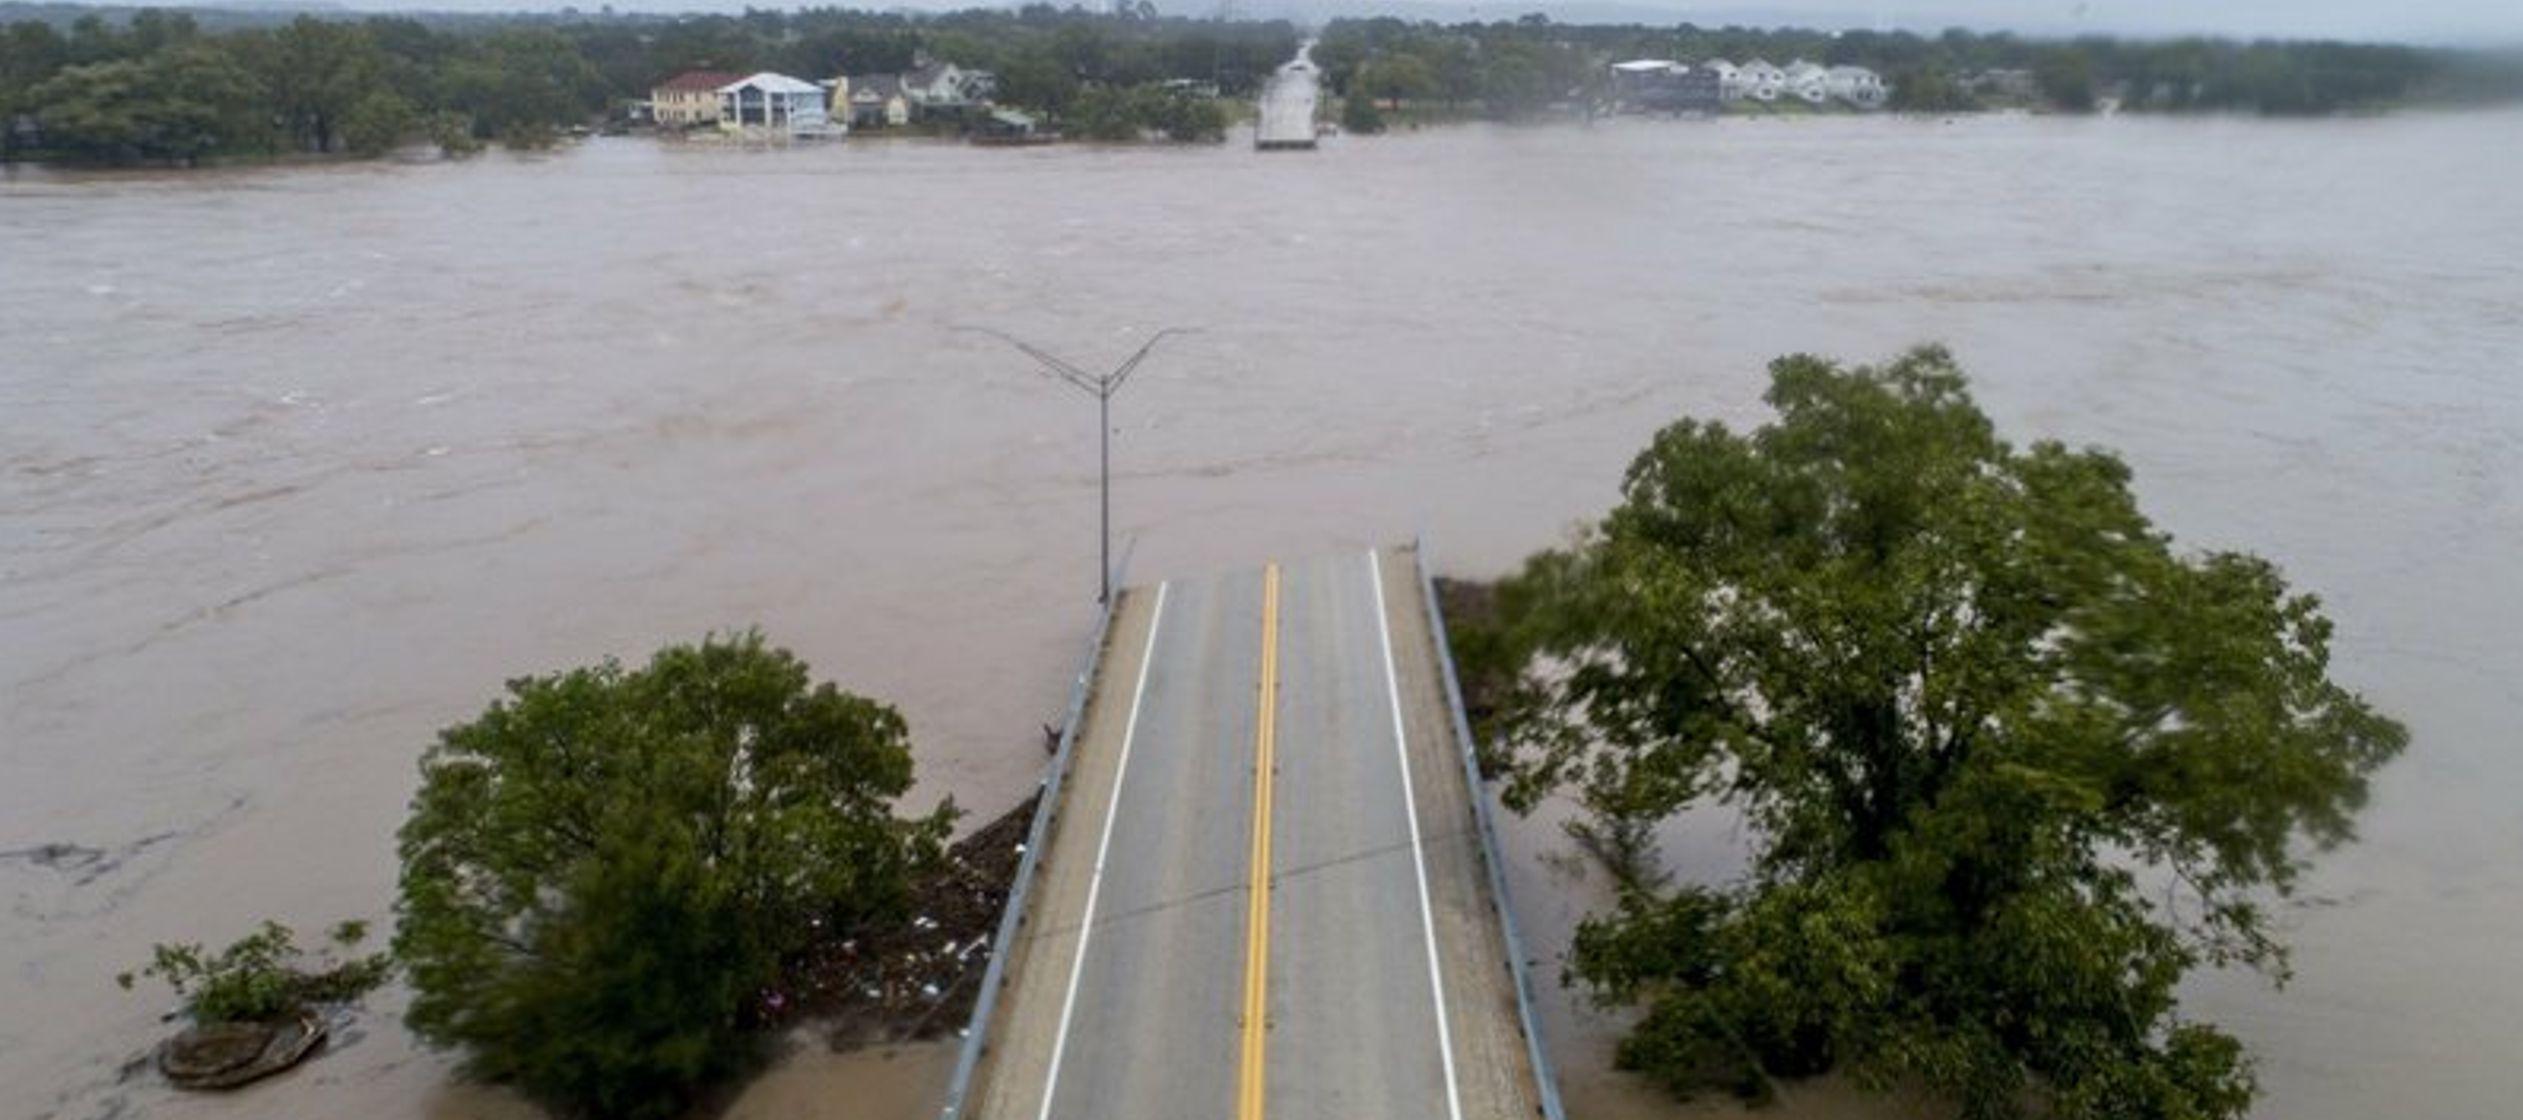 Un video muestra el puente desplomándose al ser rebasado por el torrente del desbordado...